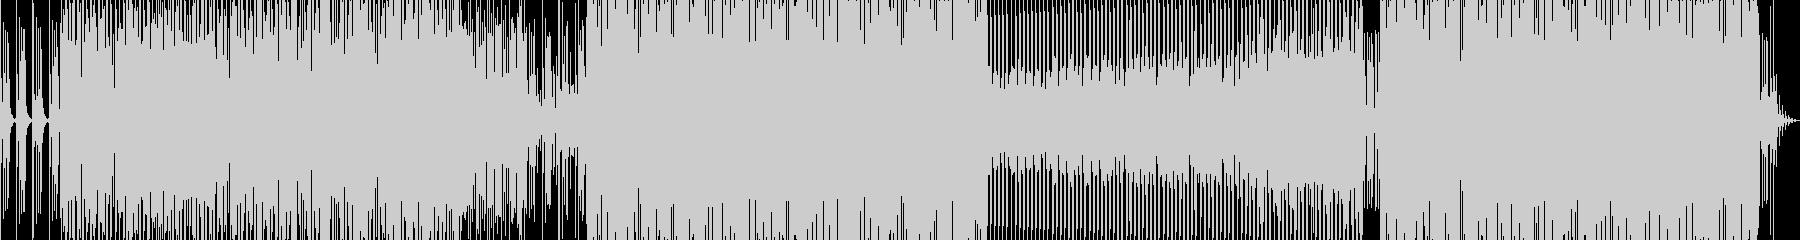 機械的でロボットをイメージさせるサウンドの未再生の波形